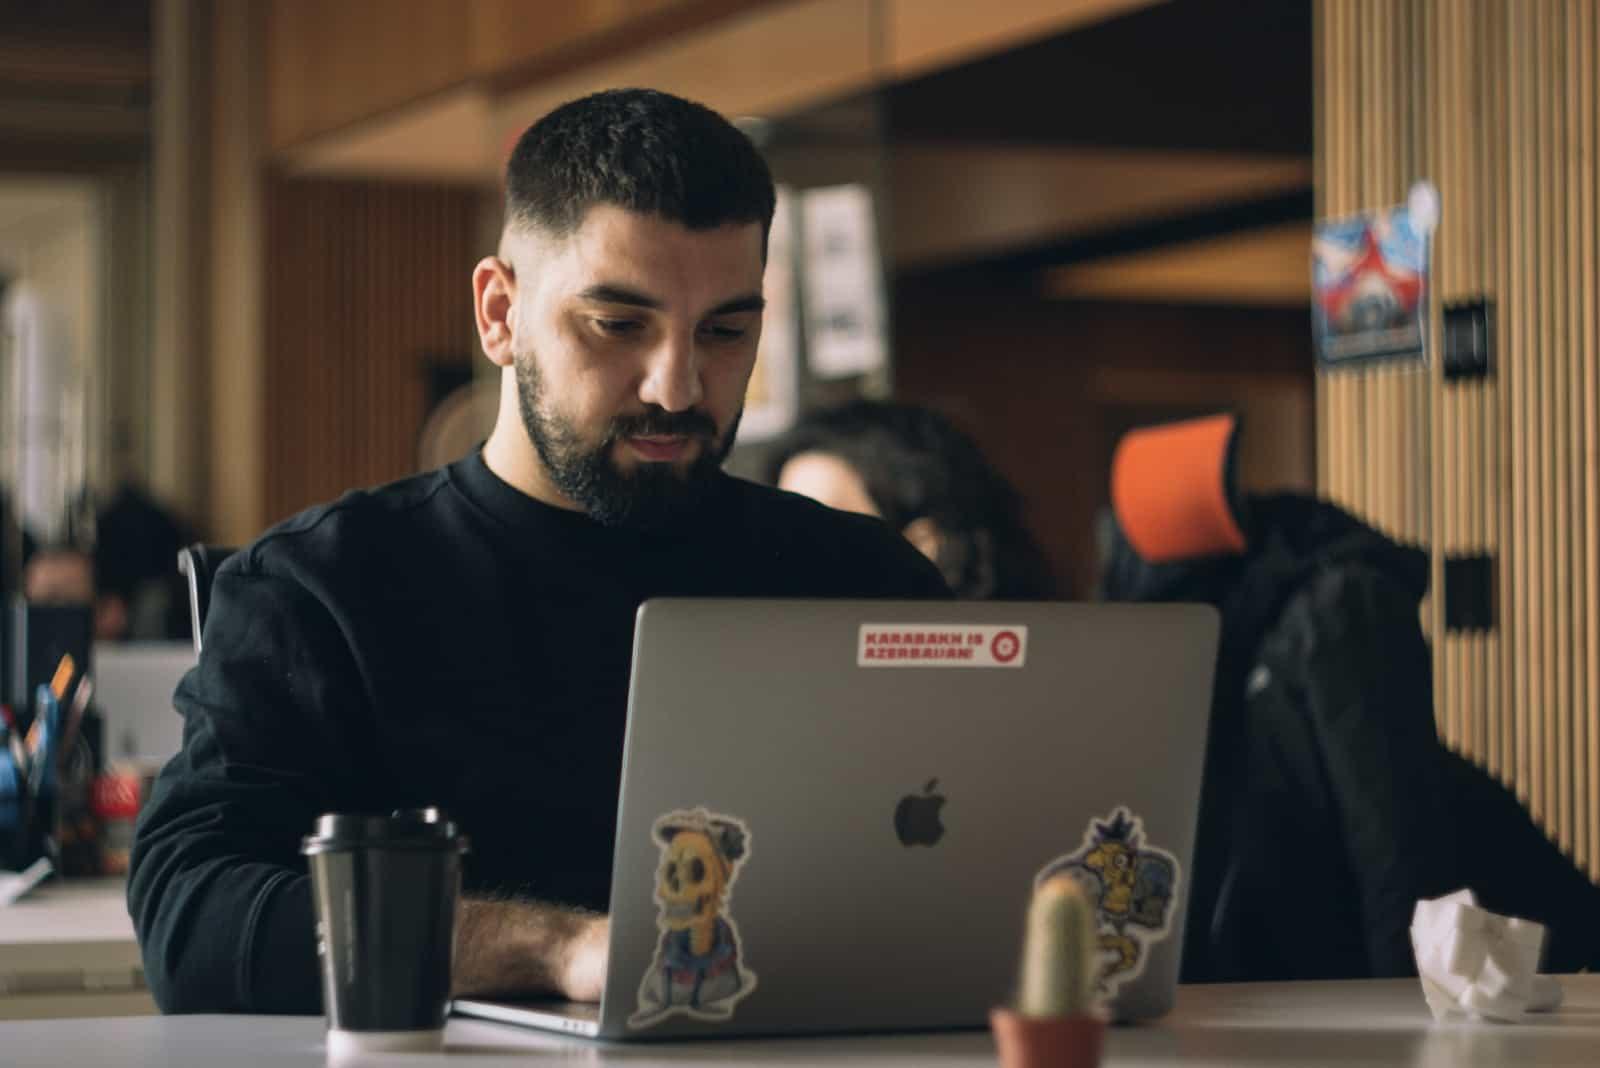 Homme utilisant un ordinateur portable assis à une table